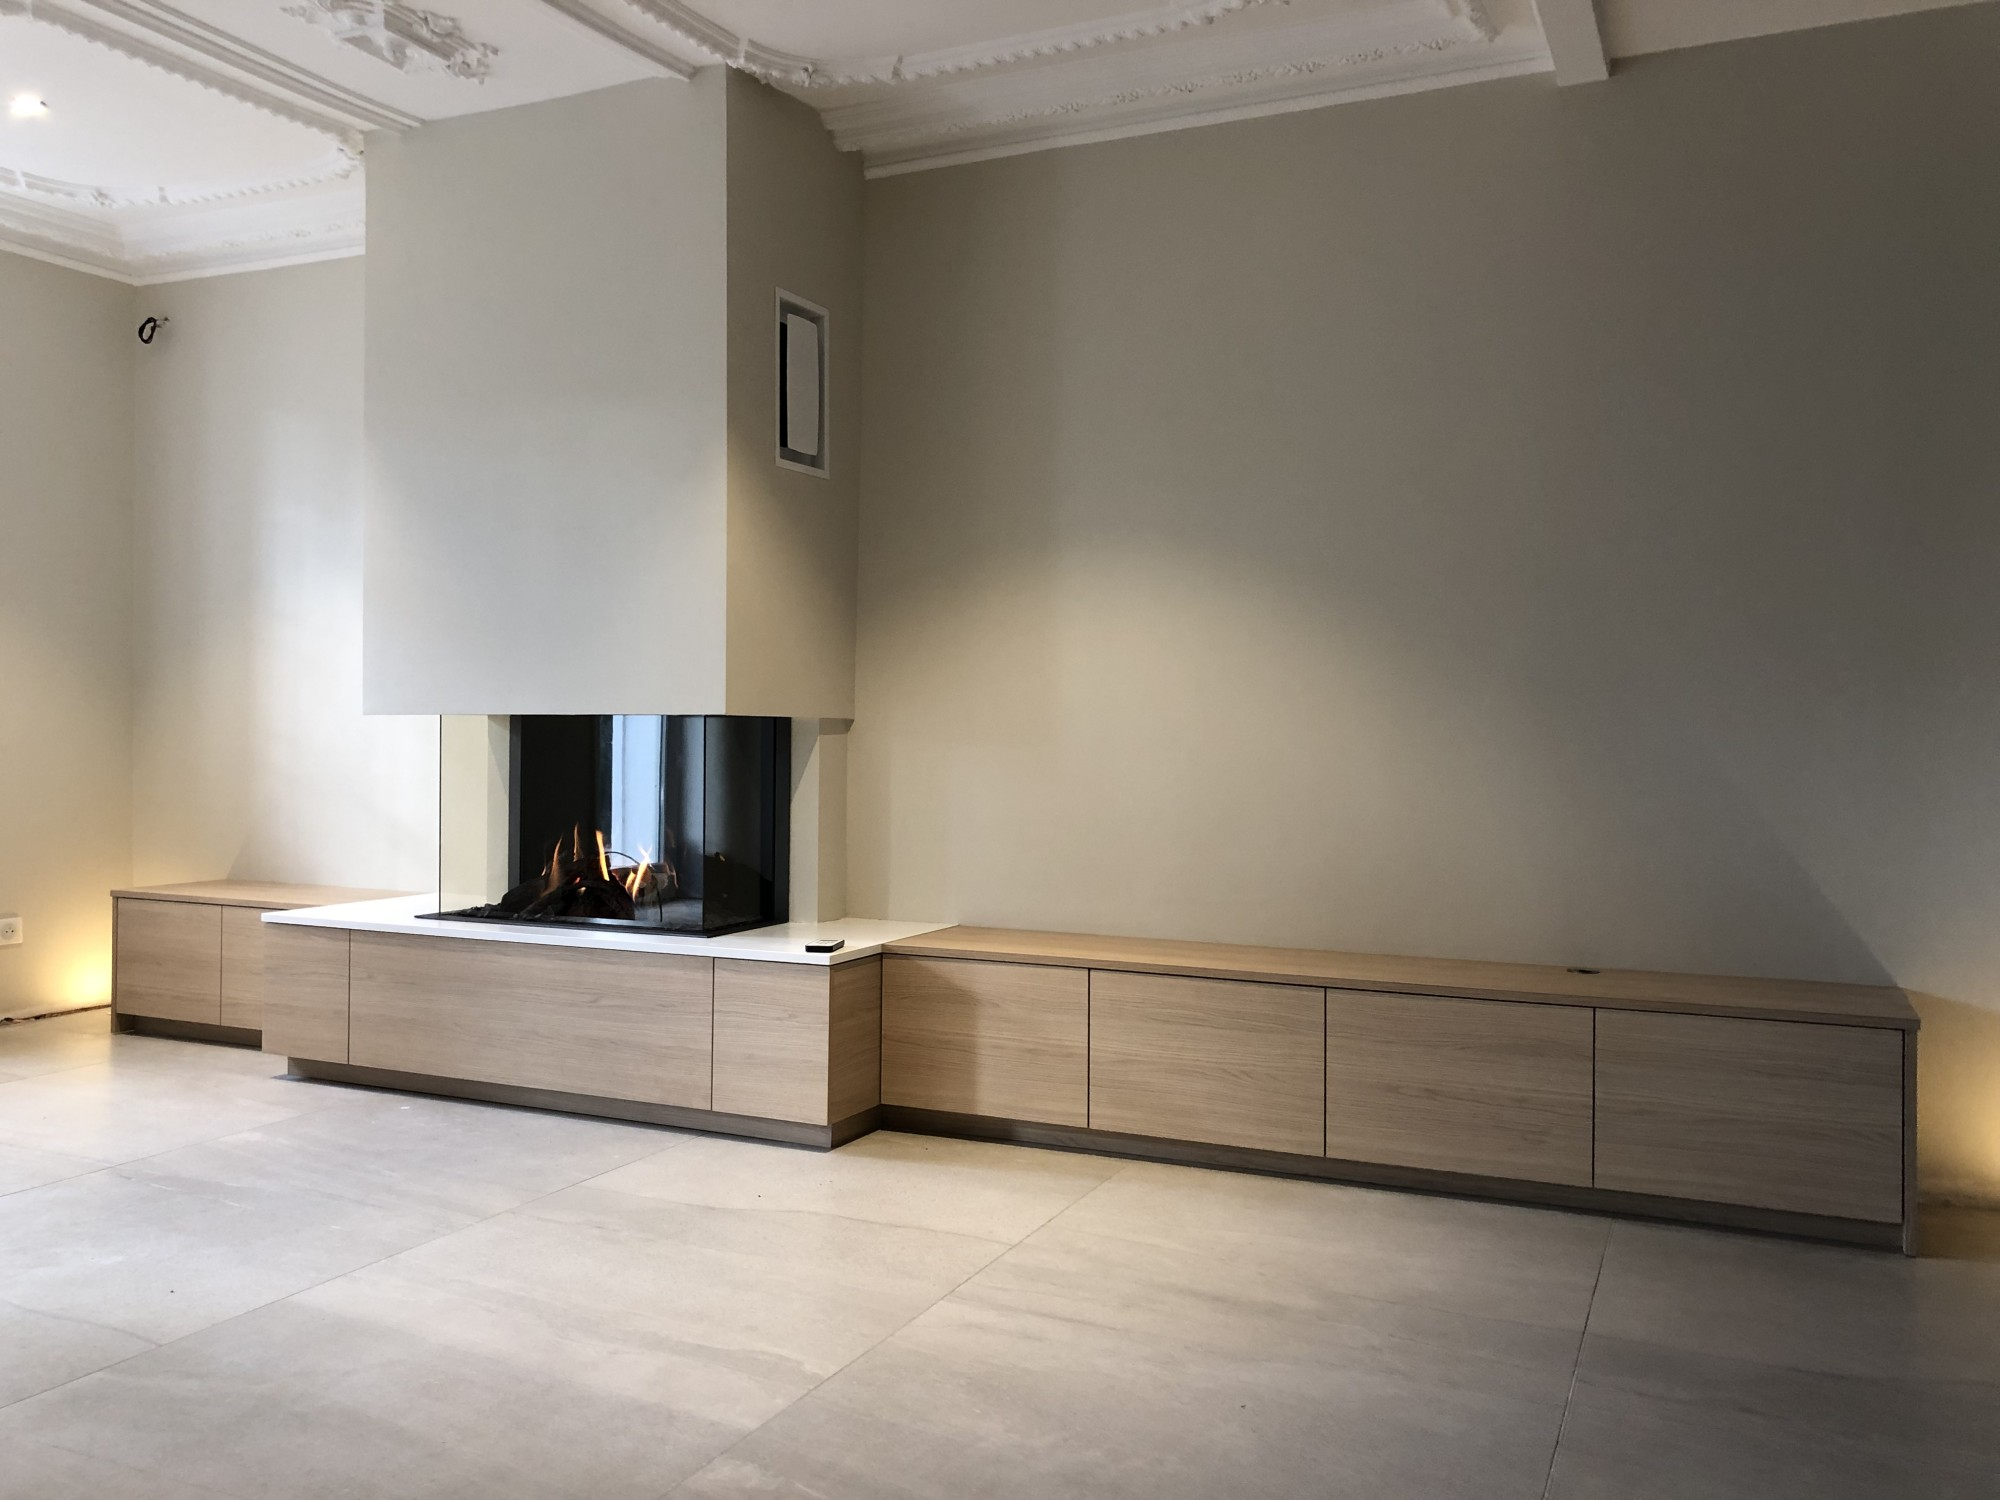 Idée De Cheminée Moderne vente et pose de cheminées bois design sur lyon - cheminées